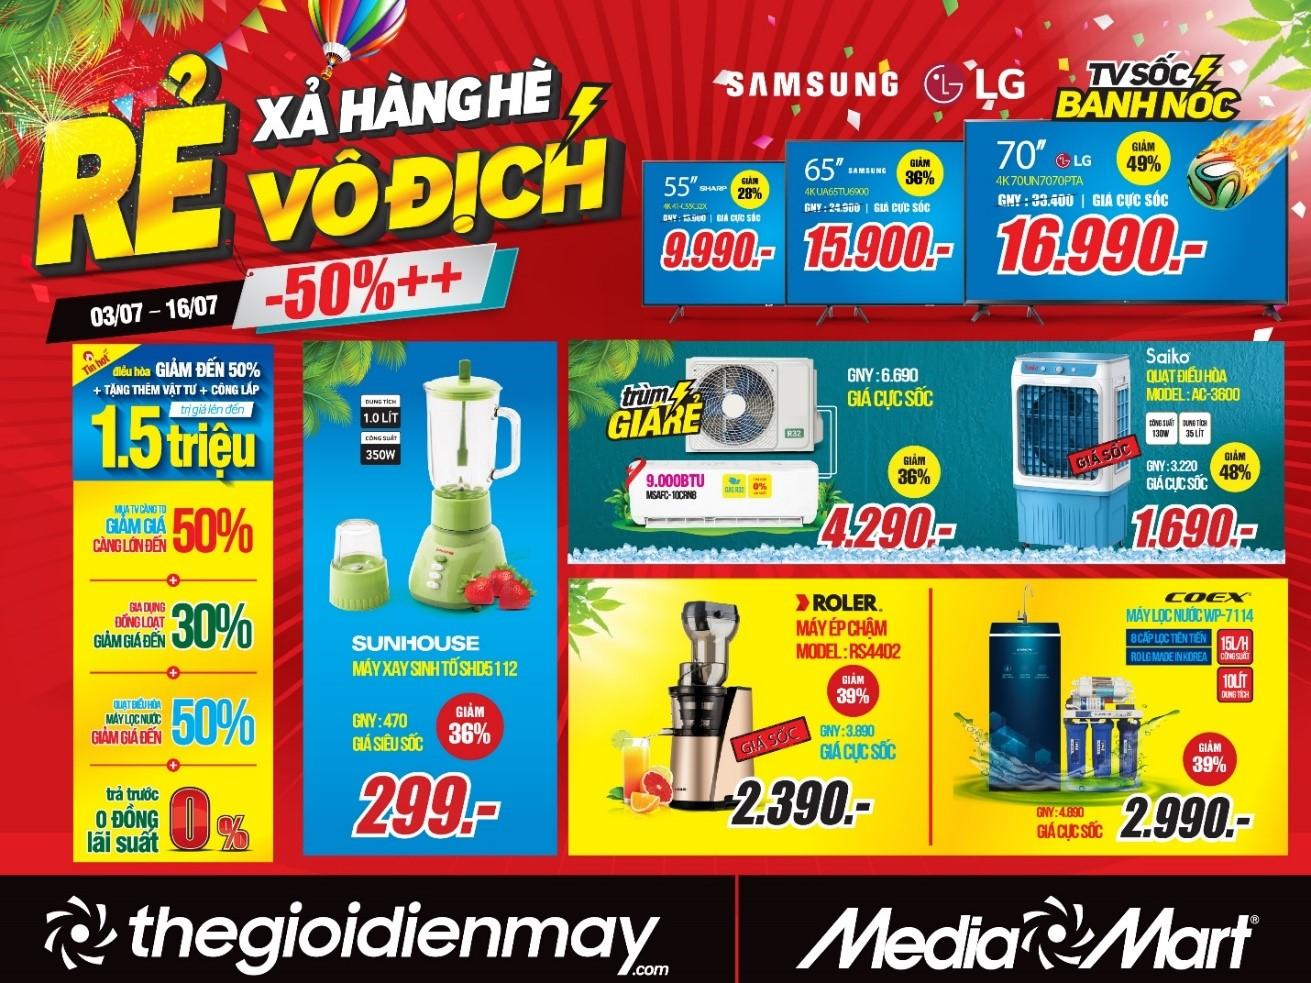 Siêu thị điện máy MediaMart xả hàng hè giảm sốc 50%